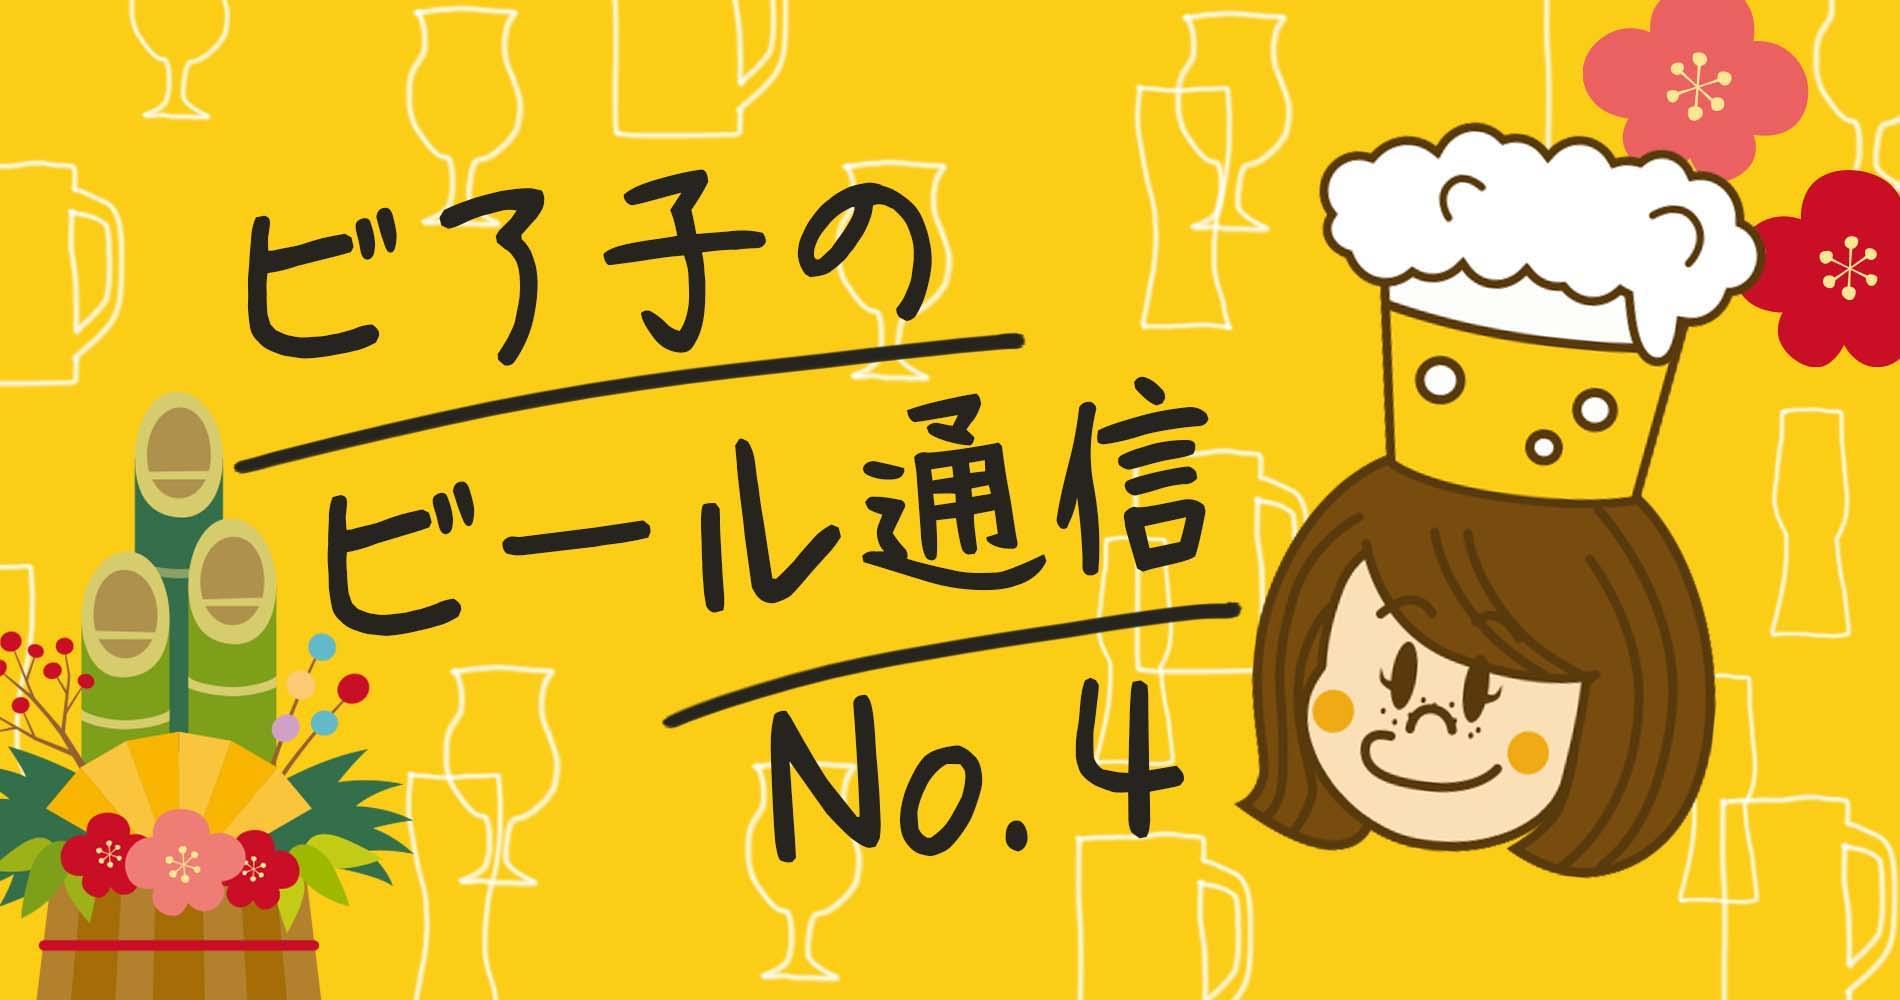 ビア子のビール通信No.4